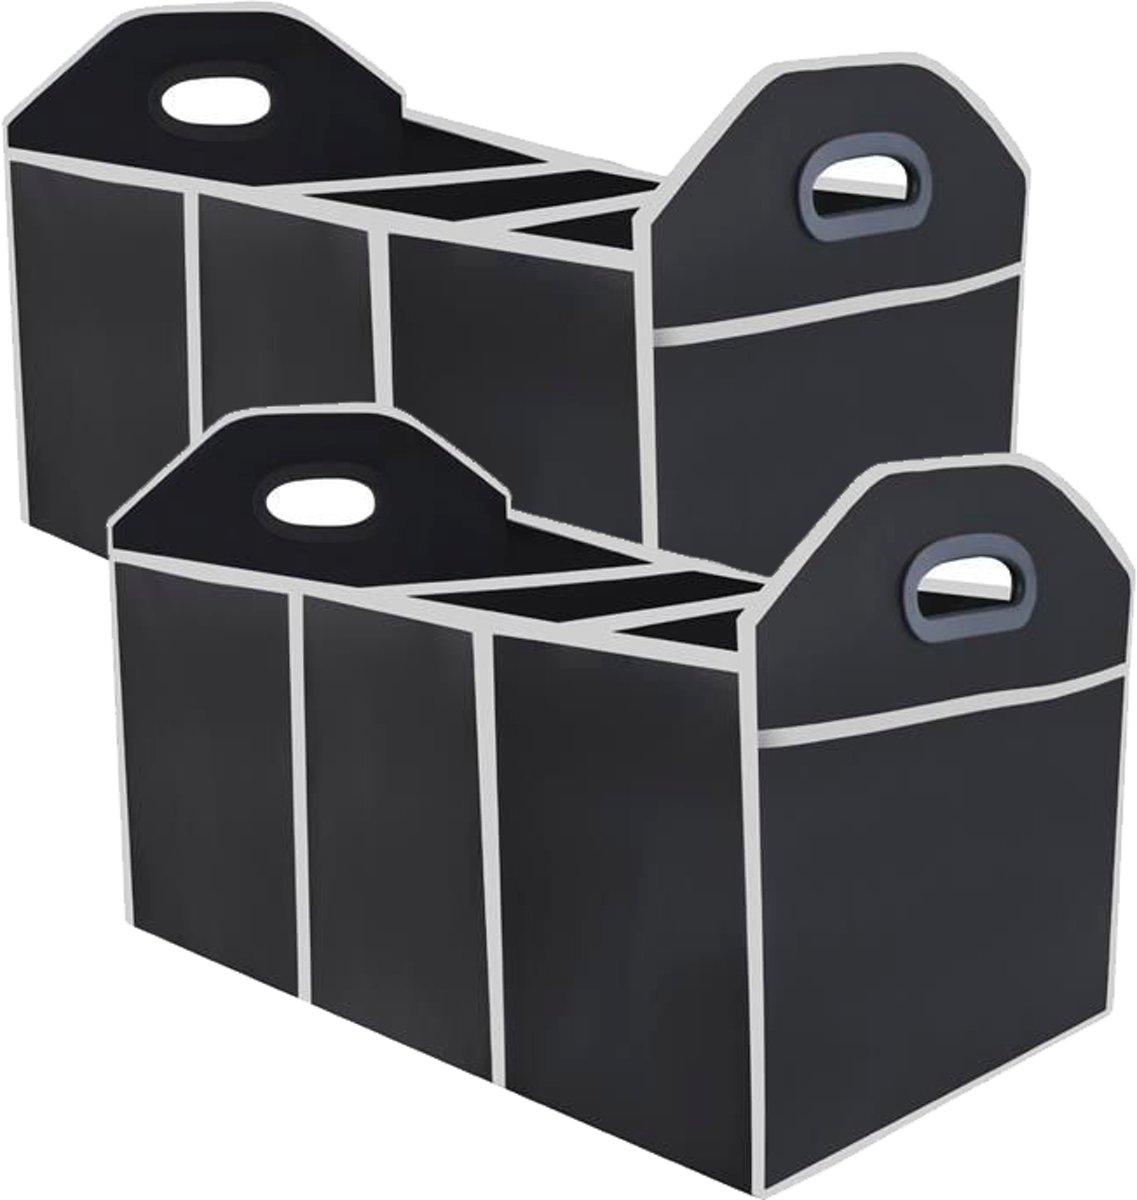 Allround organizer - auto organizer - kast organizer - set van 2 stuks kopen